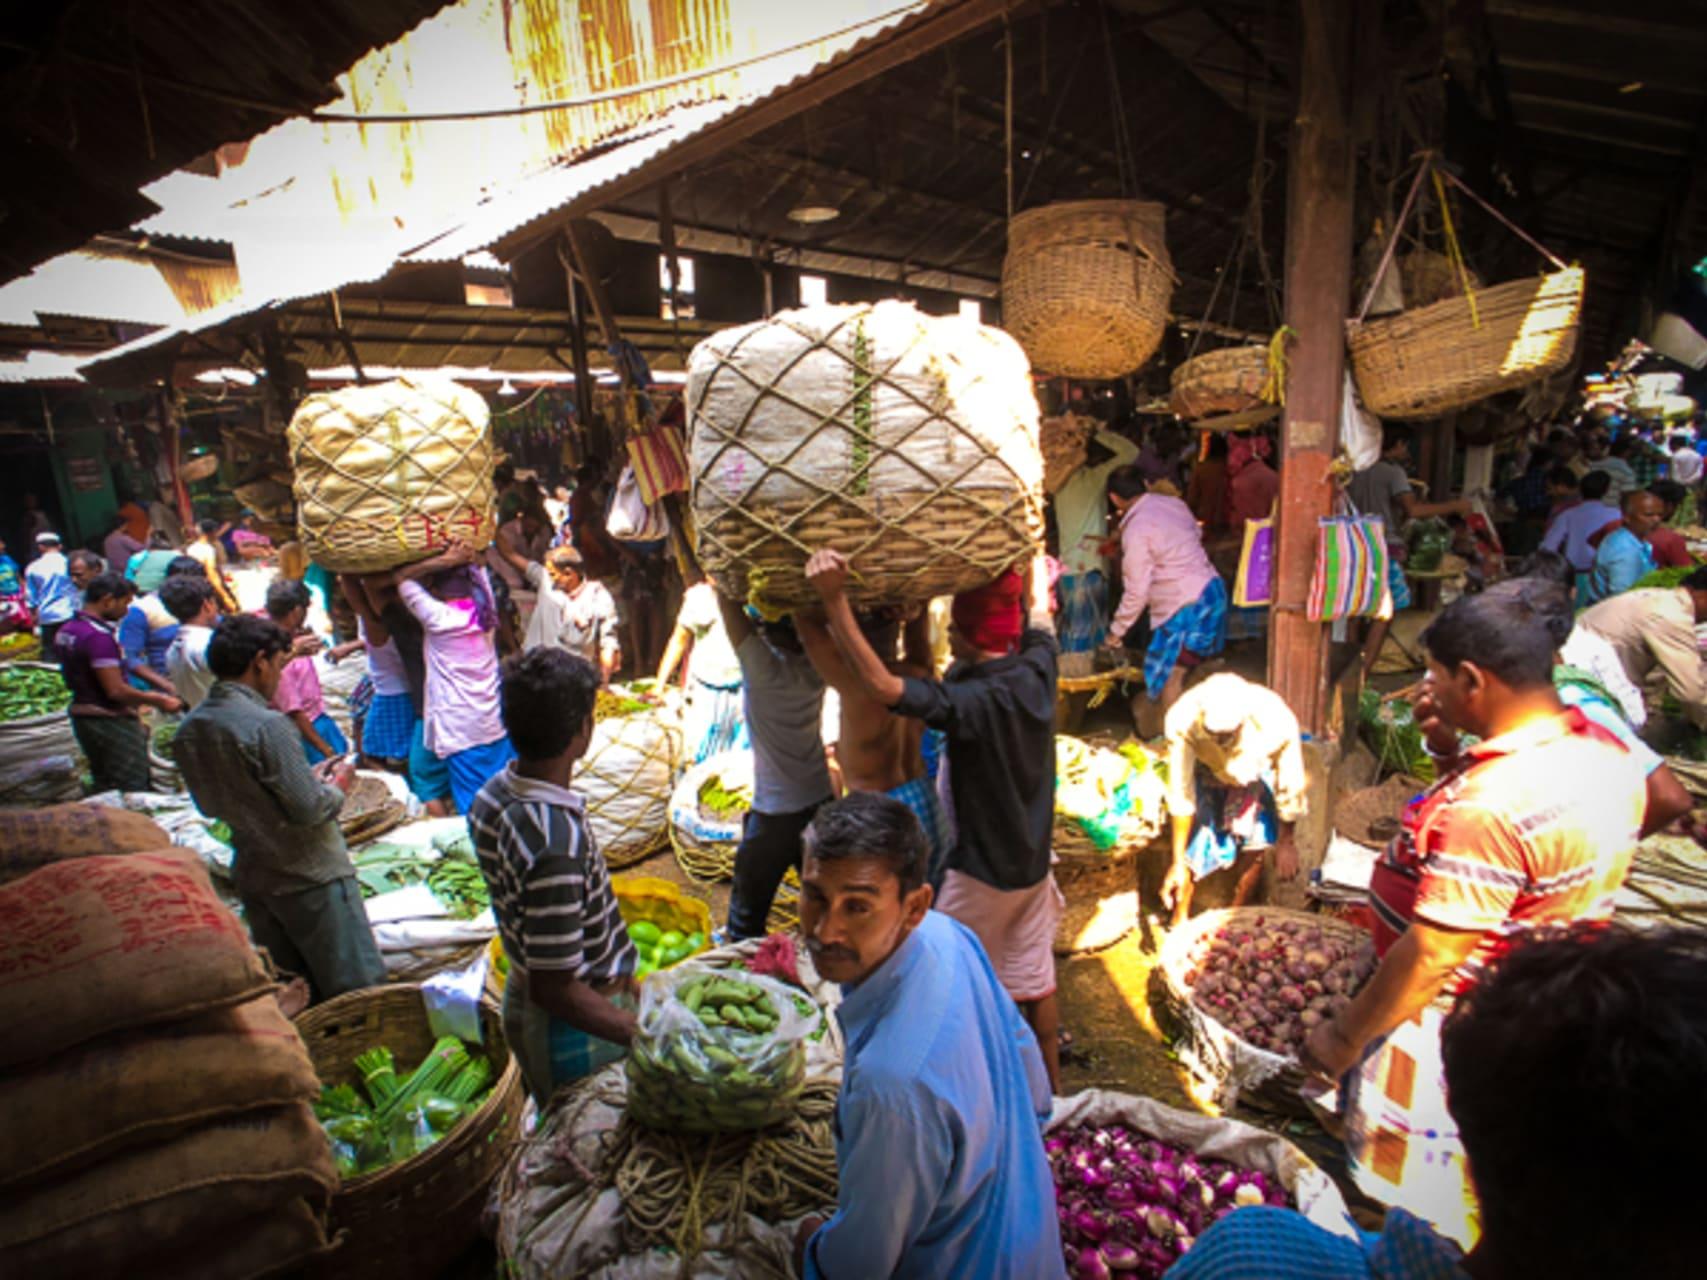 Kolkata - Koley Market - One of the Largest Wholesale Vegetable Market of India and Asia!